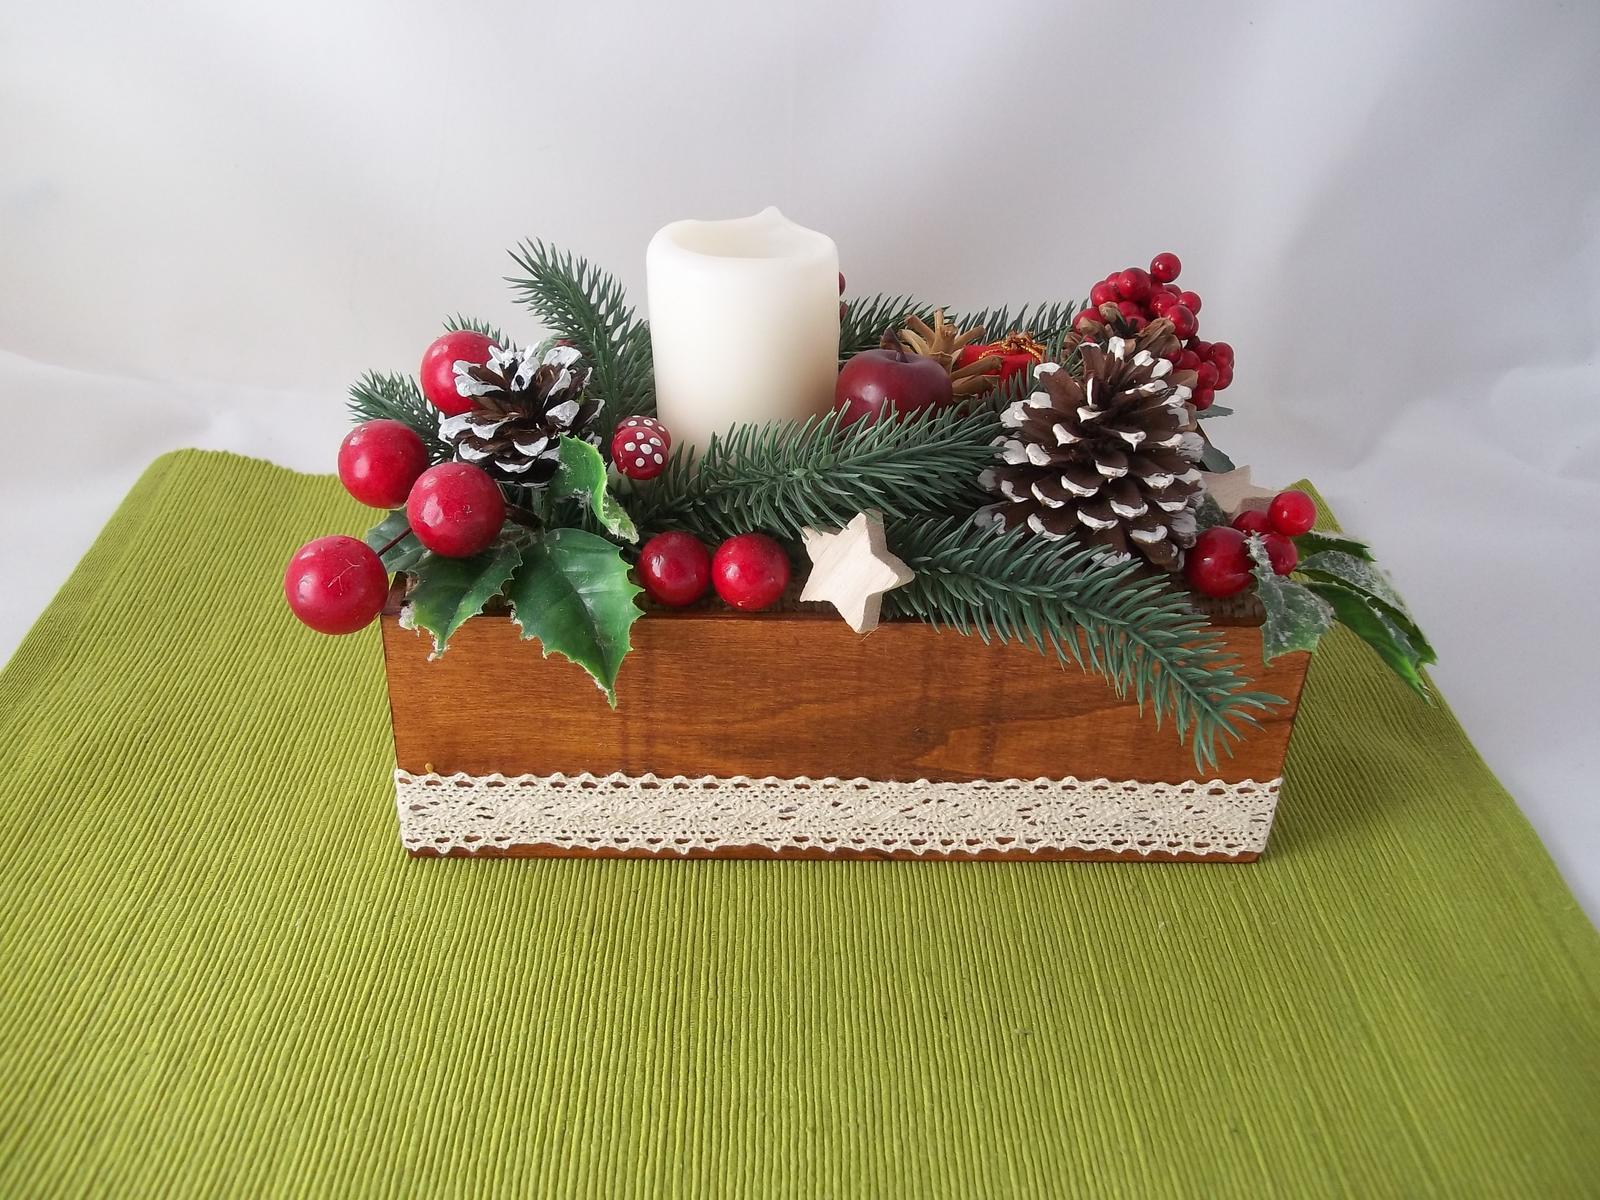 Vianočná, cena je vrátane poštovného - Obrázok č. 1